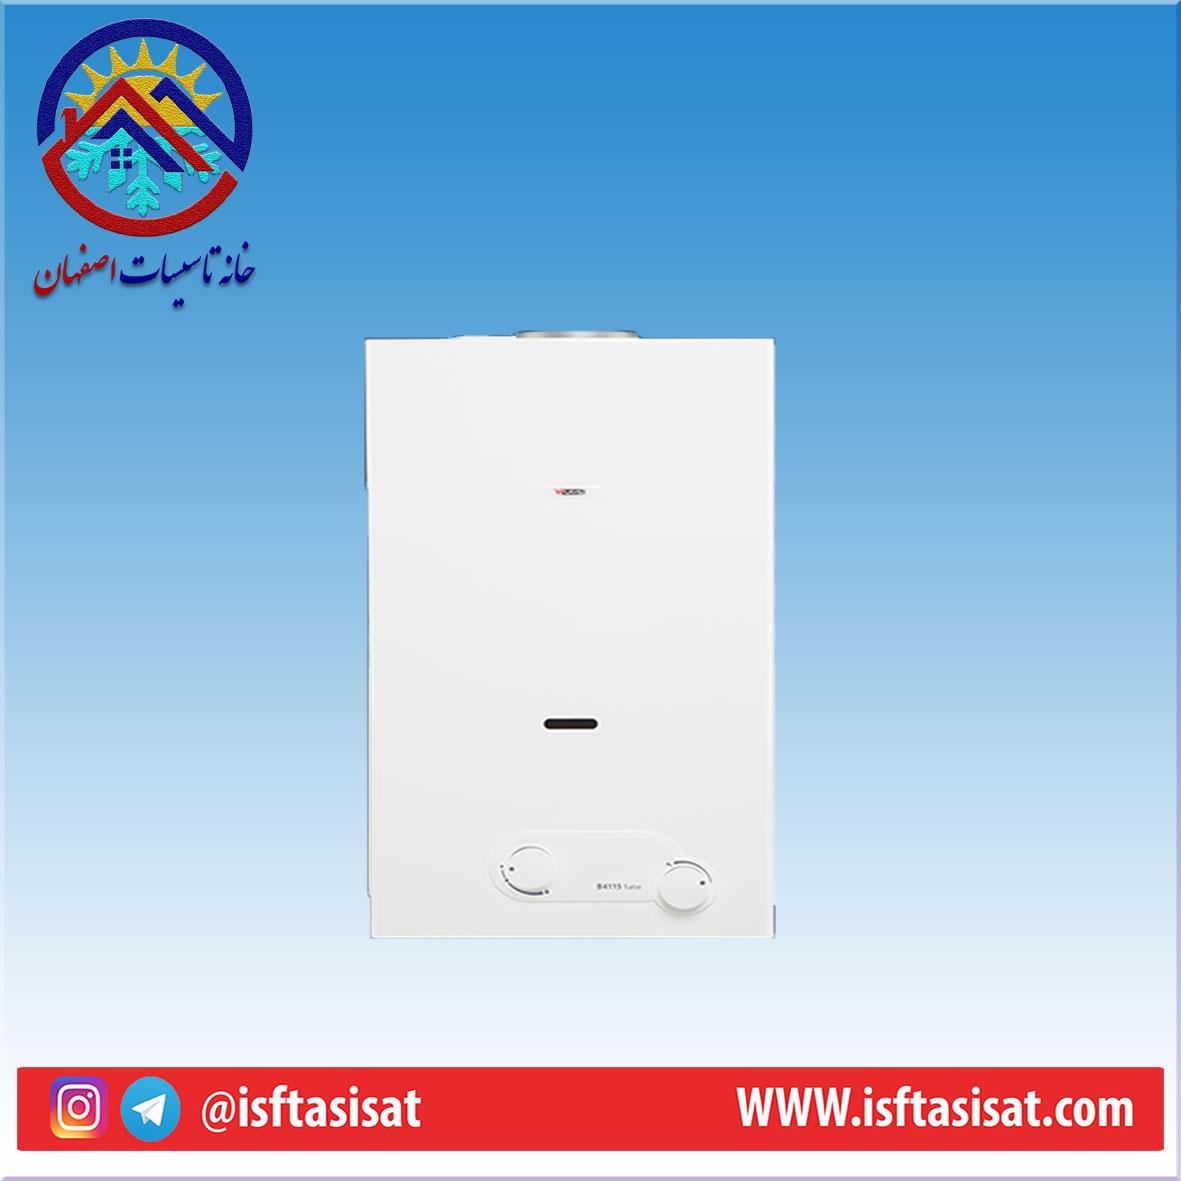 آبگرمکن گازی دیواری | آبگرمکن در اصفهان | آبگرمکن گازی در اصفهان | آبگرمکن بوتان در اصفهان